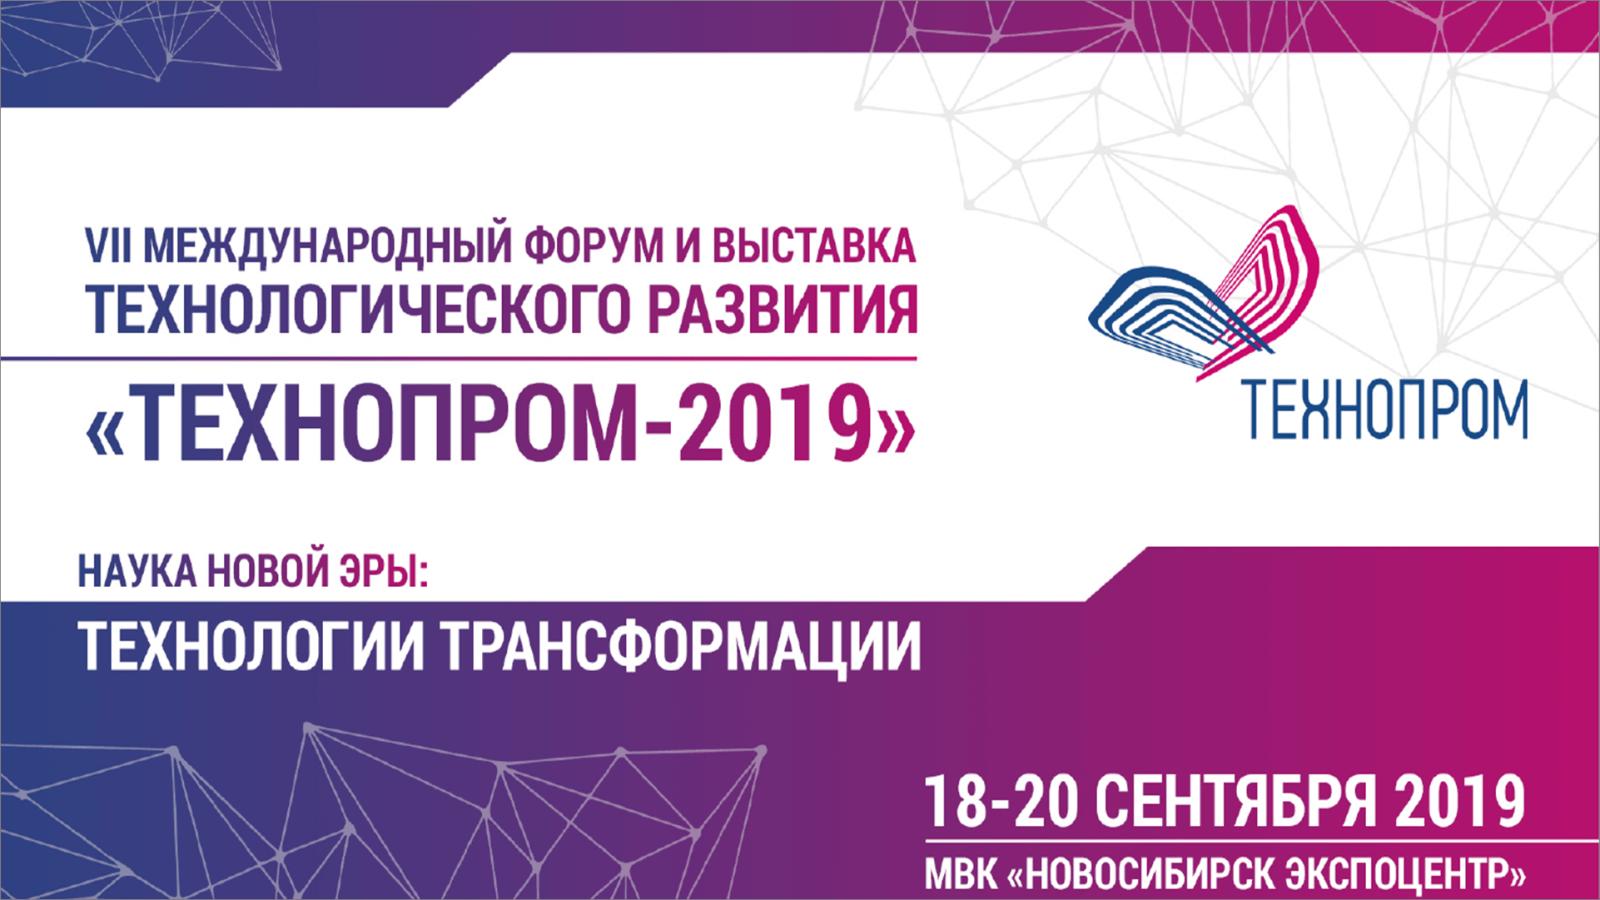 VII Международный Форум и выставка технологического развития «ТЕХНОПРОМ-2019»